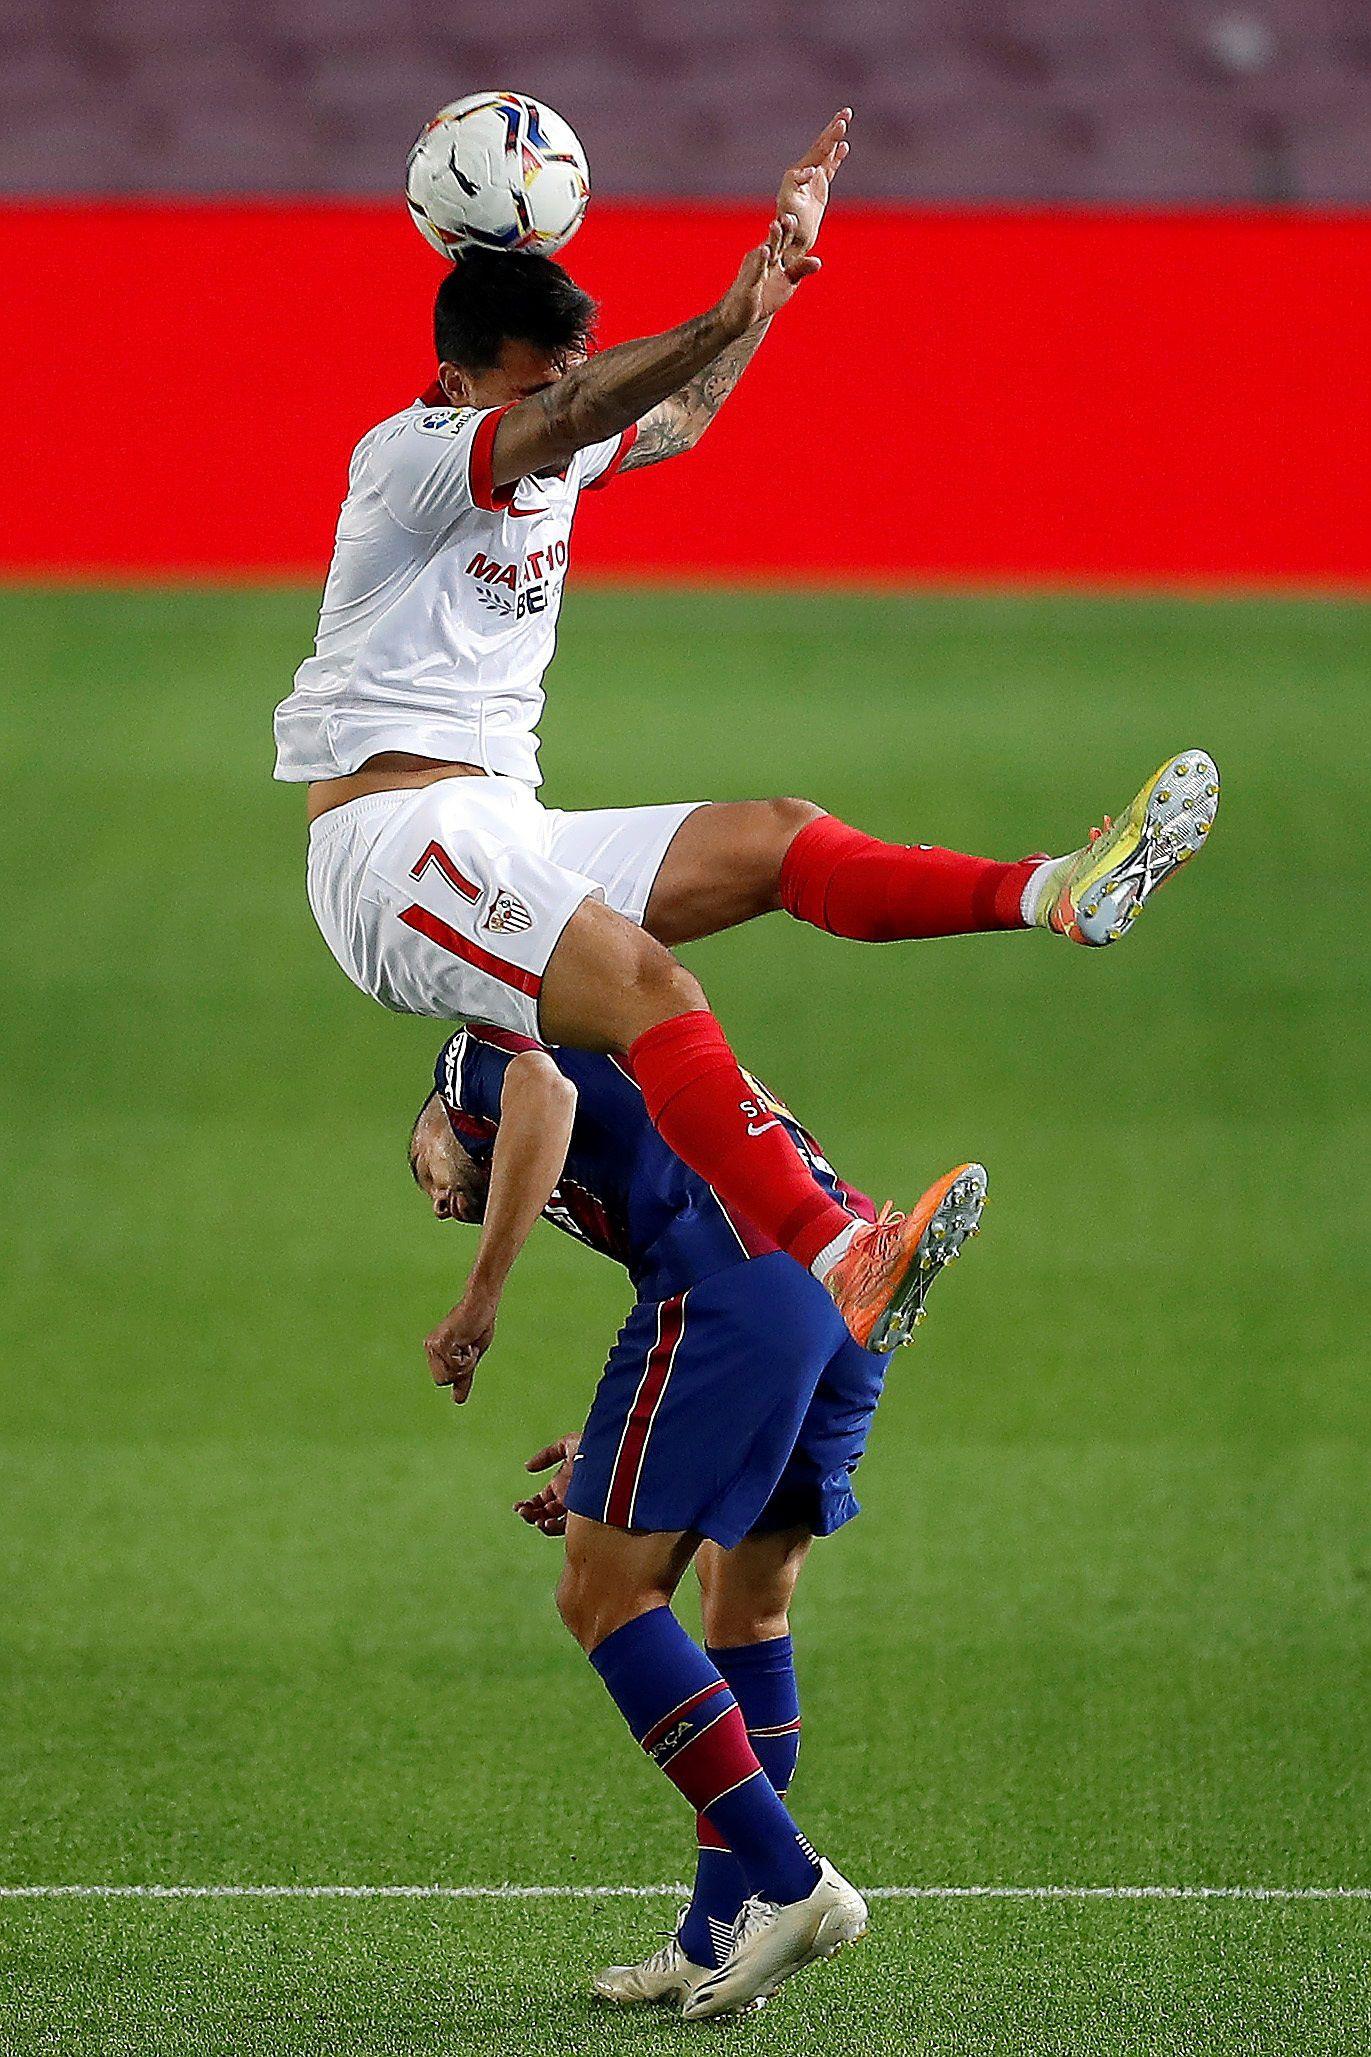 El defensa del FC Barcelona Jordi Alba (abajo) lucha con Suso Fernández, del Sevilla, en el partido de la quinta jornada de Liga en Primera División que FC Barcelona y Sevilla FC jugaron en el Camp Nou, en Barcelona. EFE/Alberto Estévez